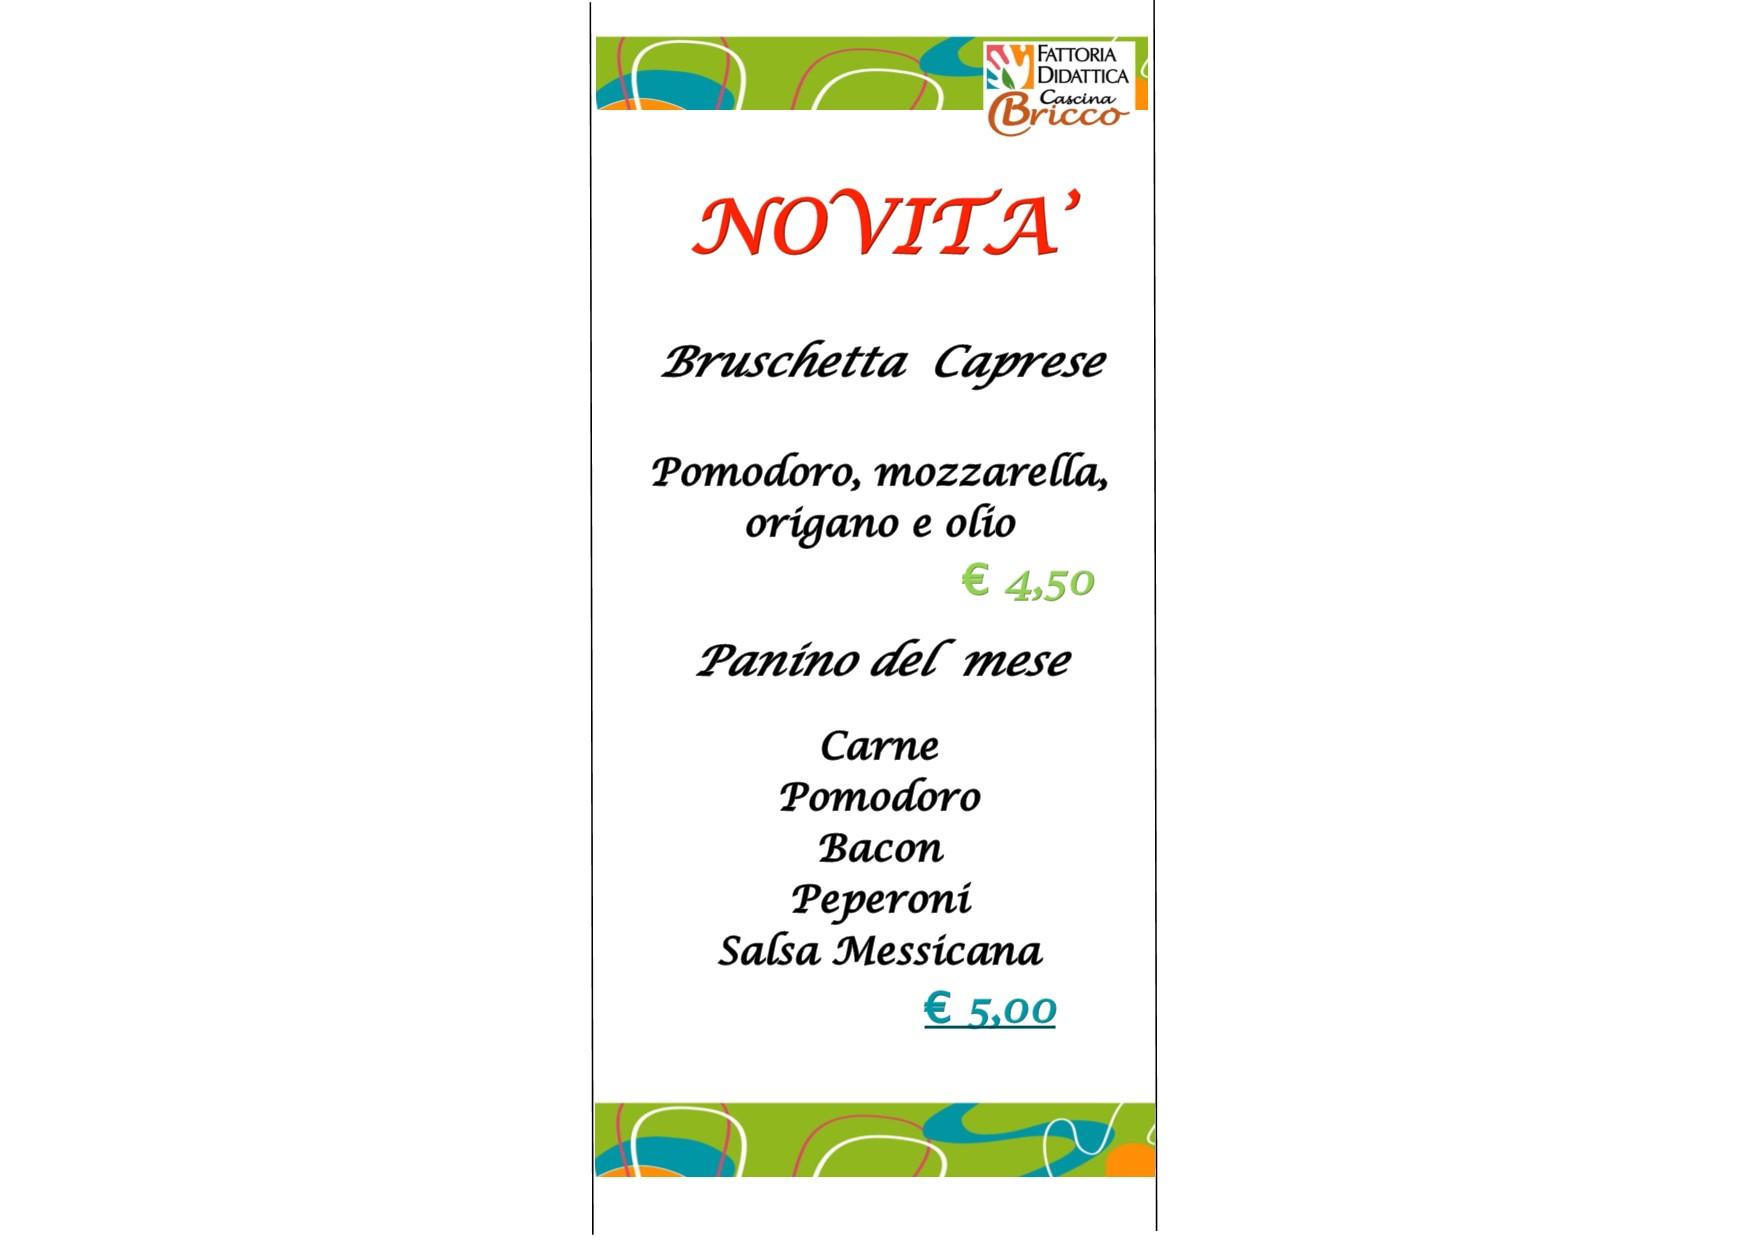 Pomodoro + Mozzarella + Origano e Olio